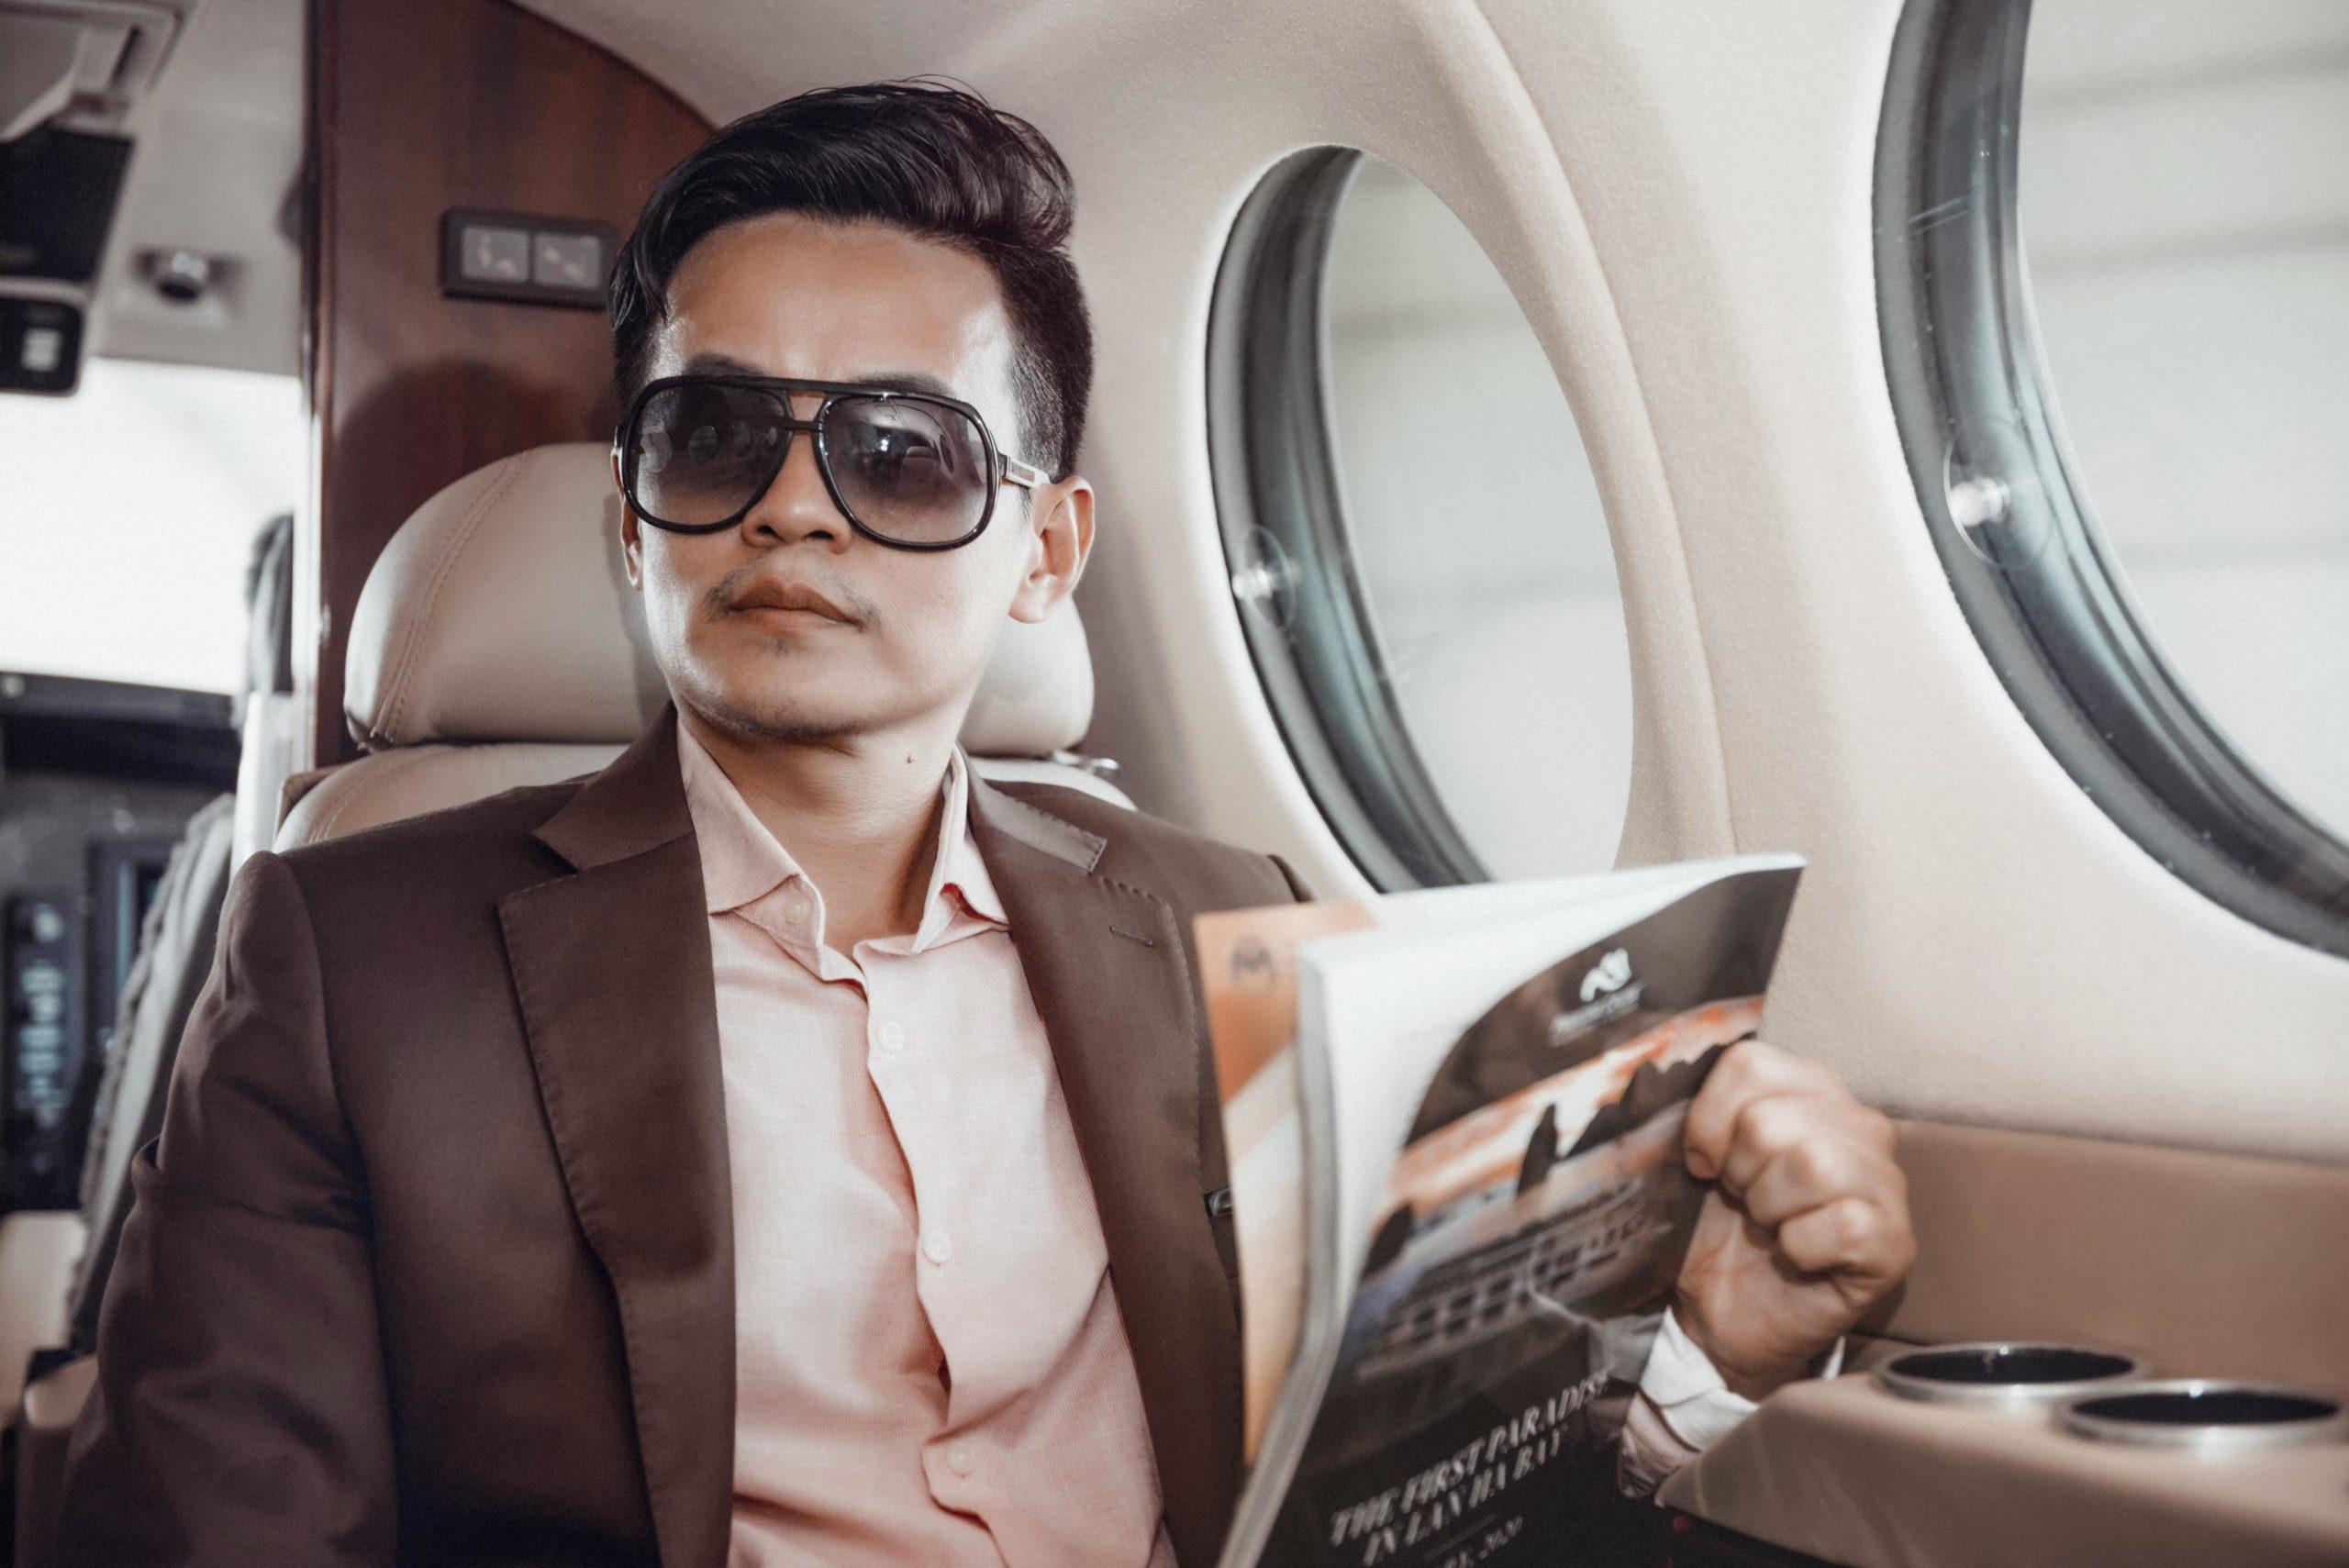 Admin Hồ Quang Mẫn chia sẻ nhân ngày Thầy thuốc Việt Nam 27.2